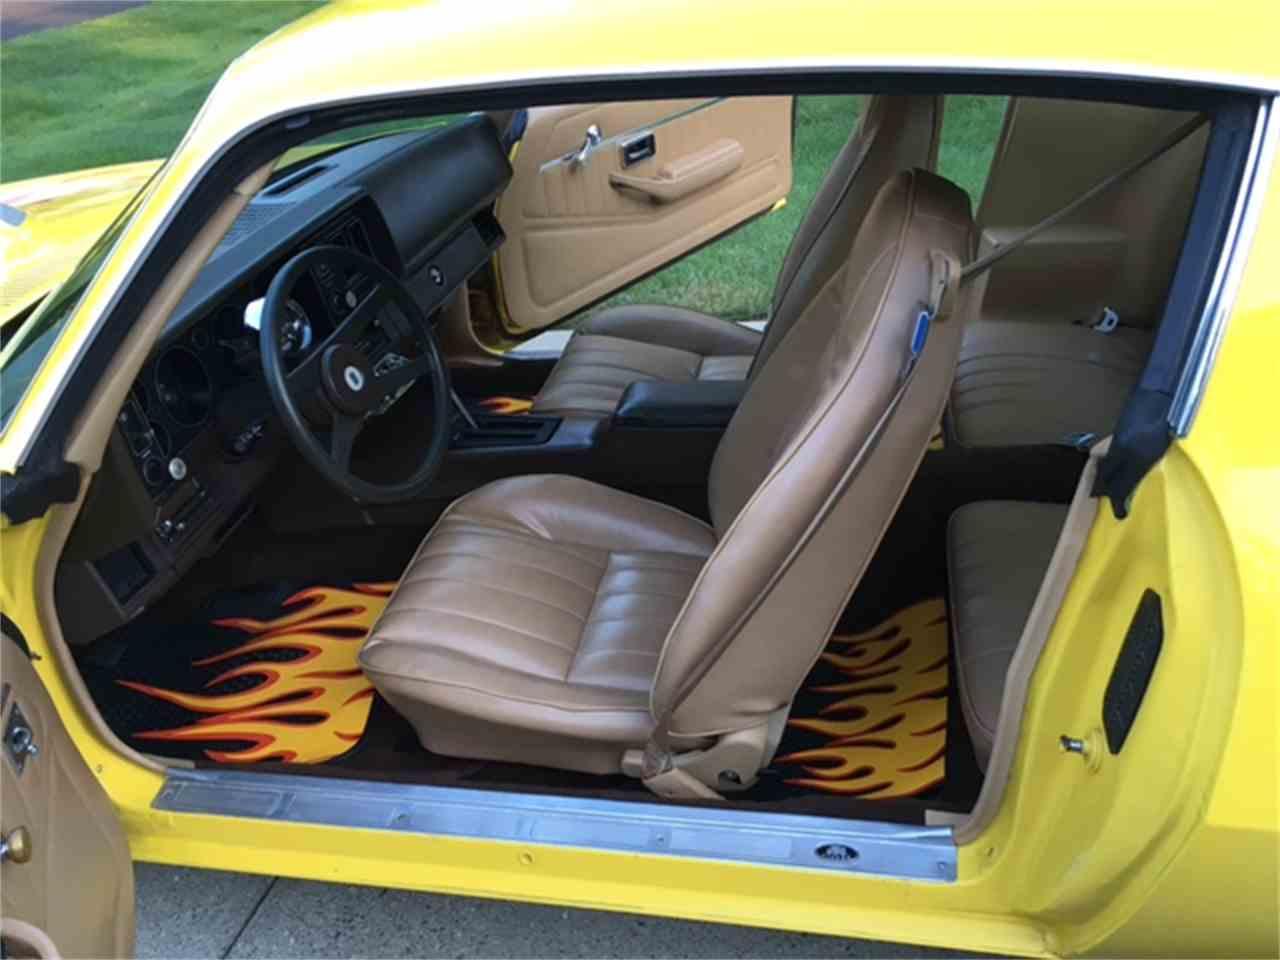 1981 Chevrolet Camaro For Sale Classiccars Com Cc 898882